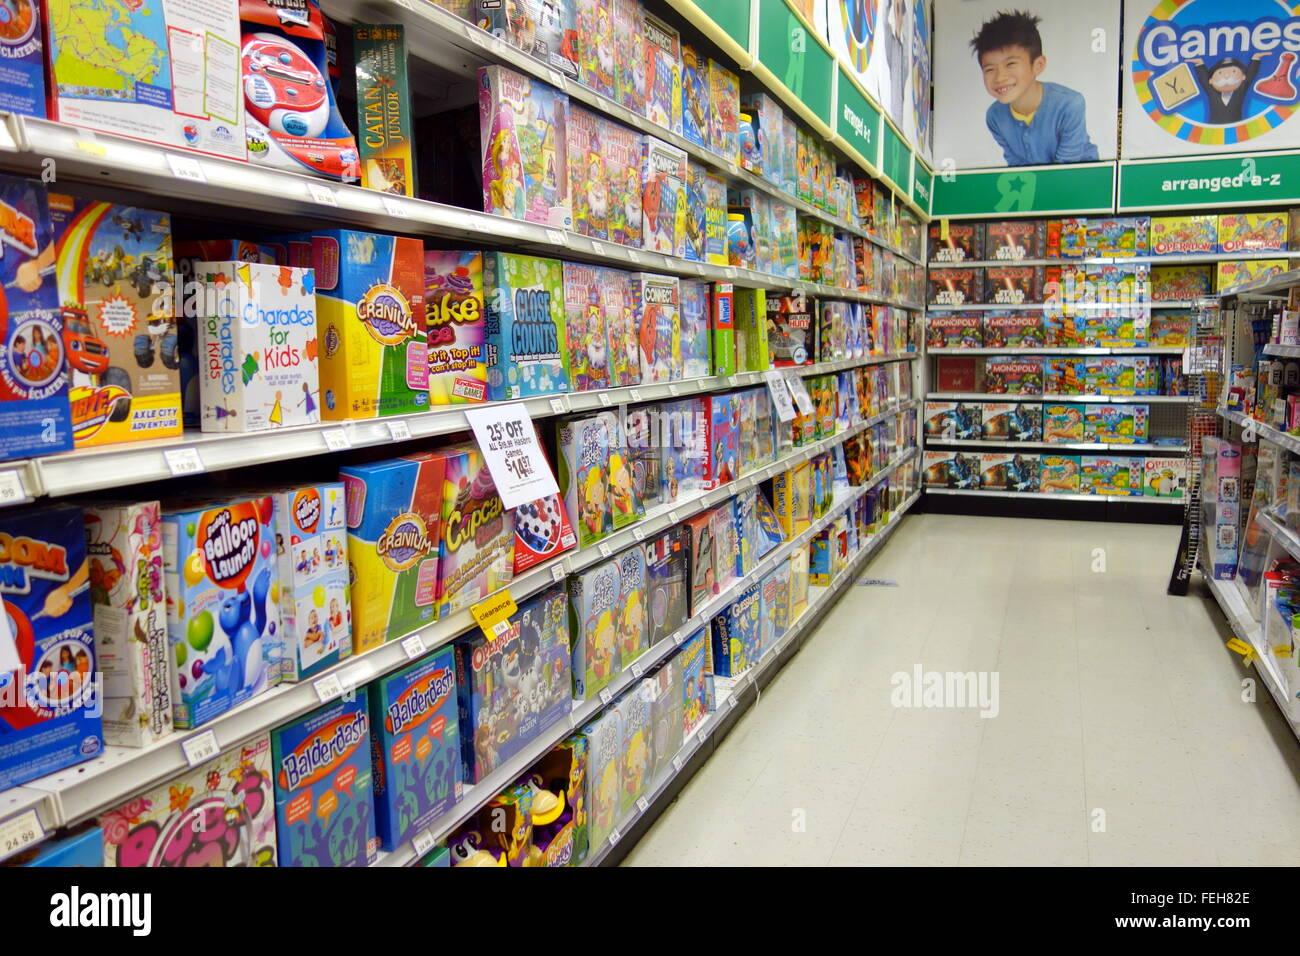 Toys R Us Children Imagenes De Stock Toys R Us Children Fotos De